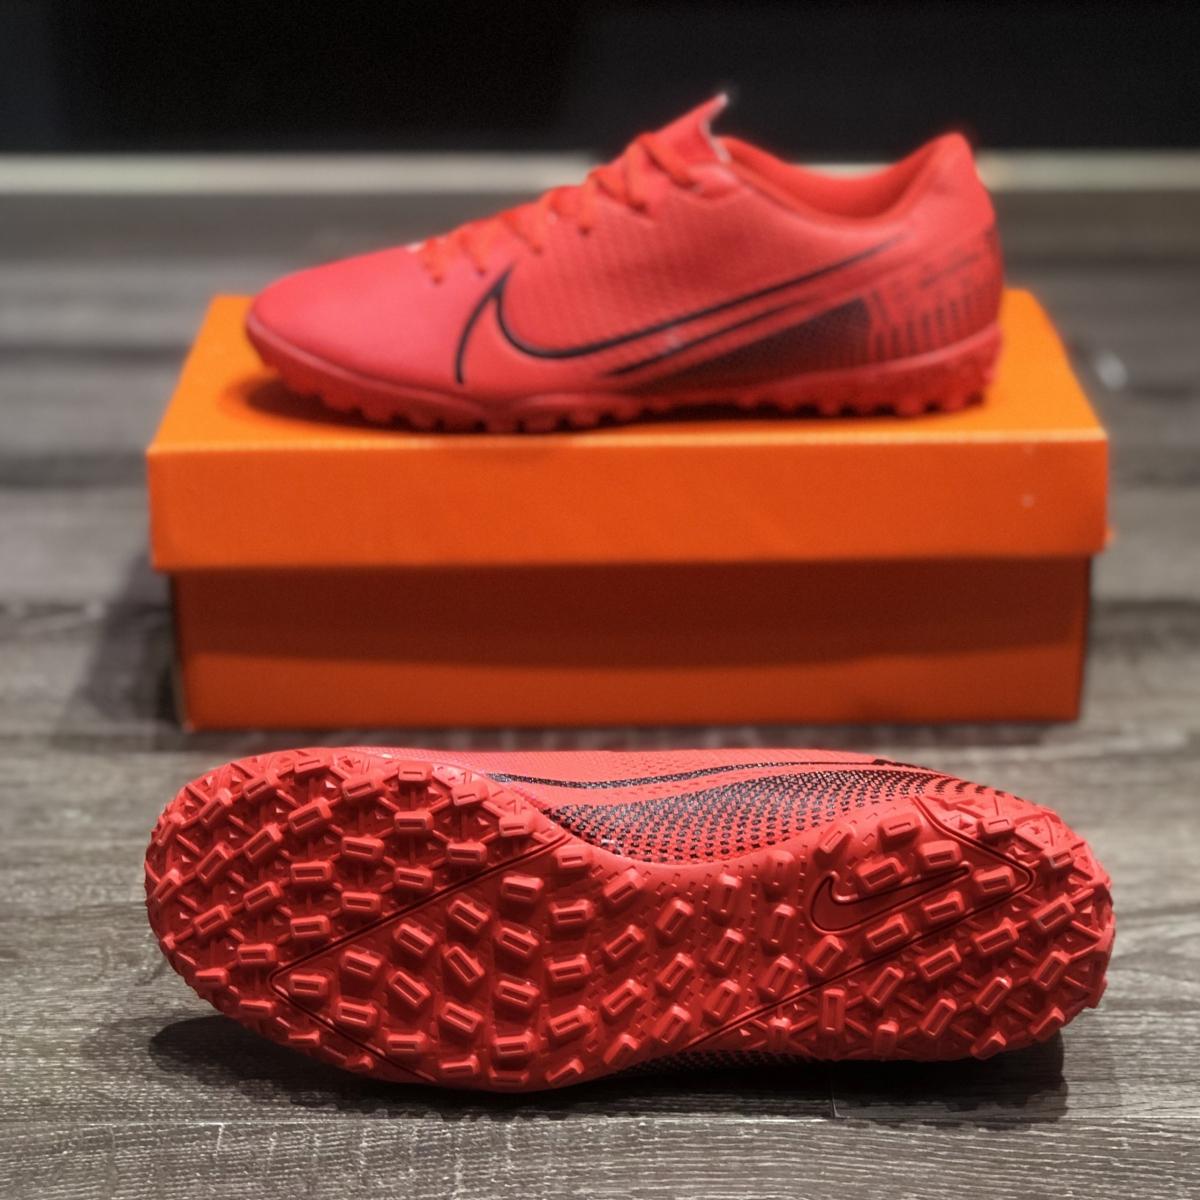 Giày Bóng Đá Nike Mercurial 13 Academy Đỏ Vạch Đen V2 TF